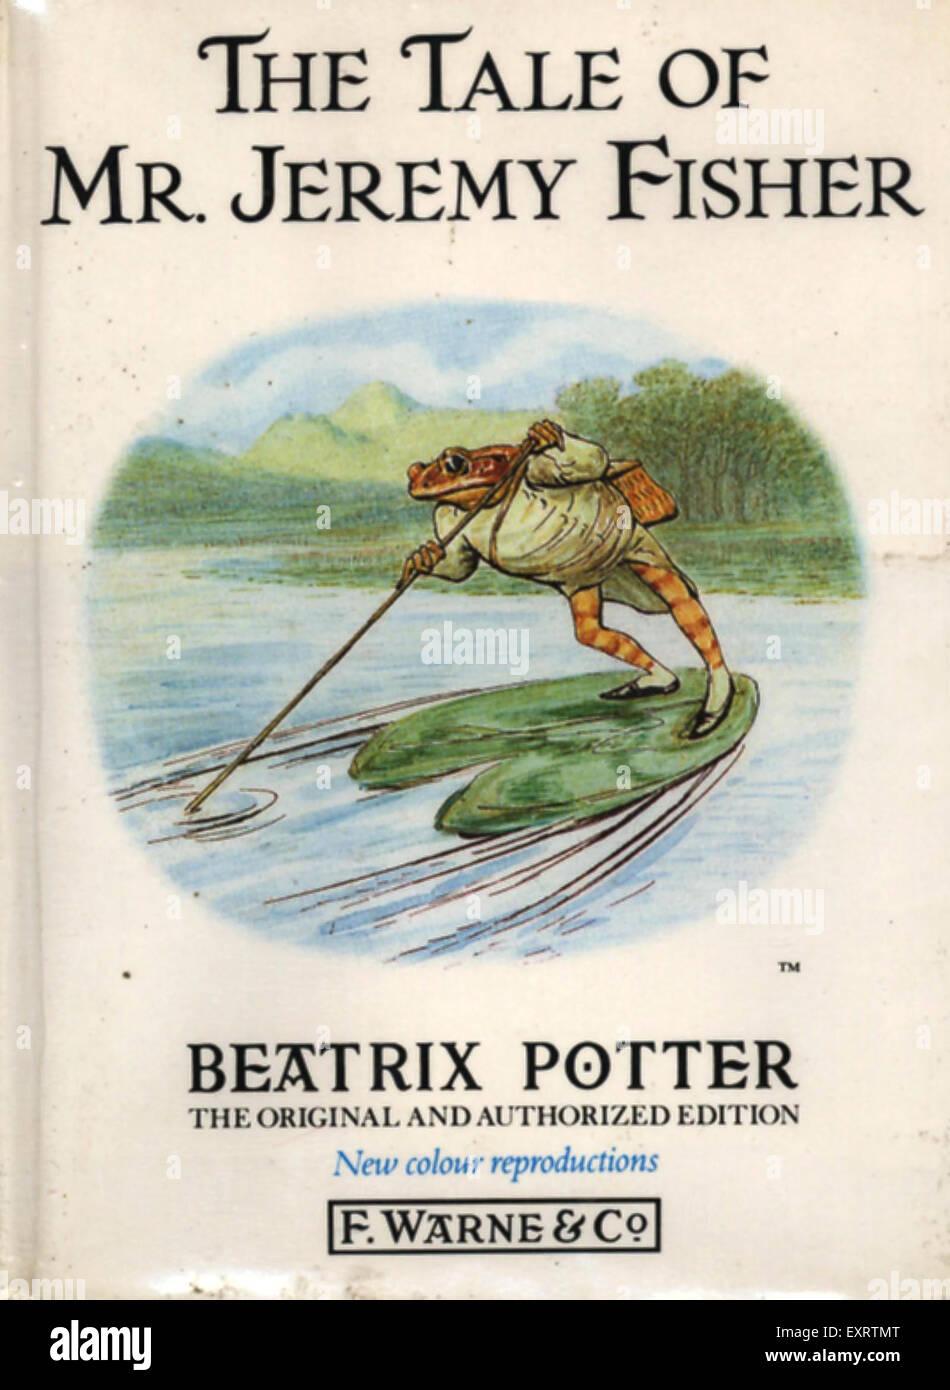 1970S UK il racconto del signor Jeremy Fisher a Beatrix Potter per la copertina del libro Immagini Stock